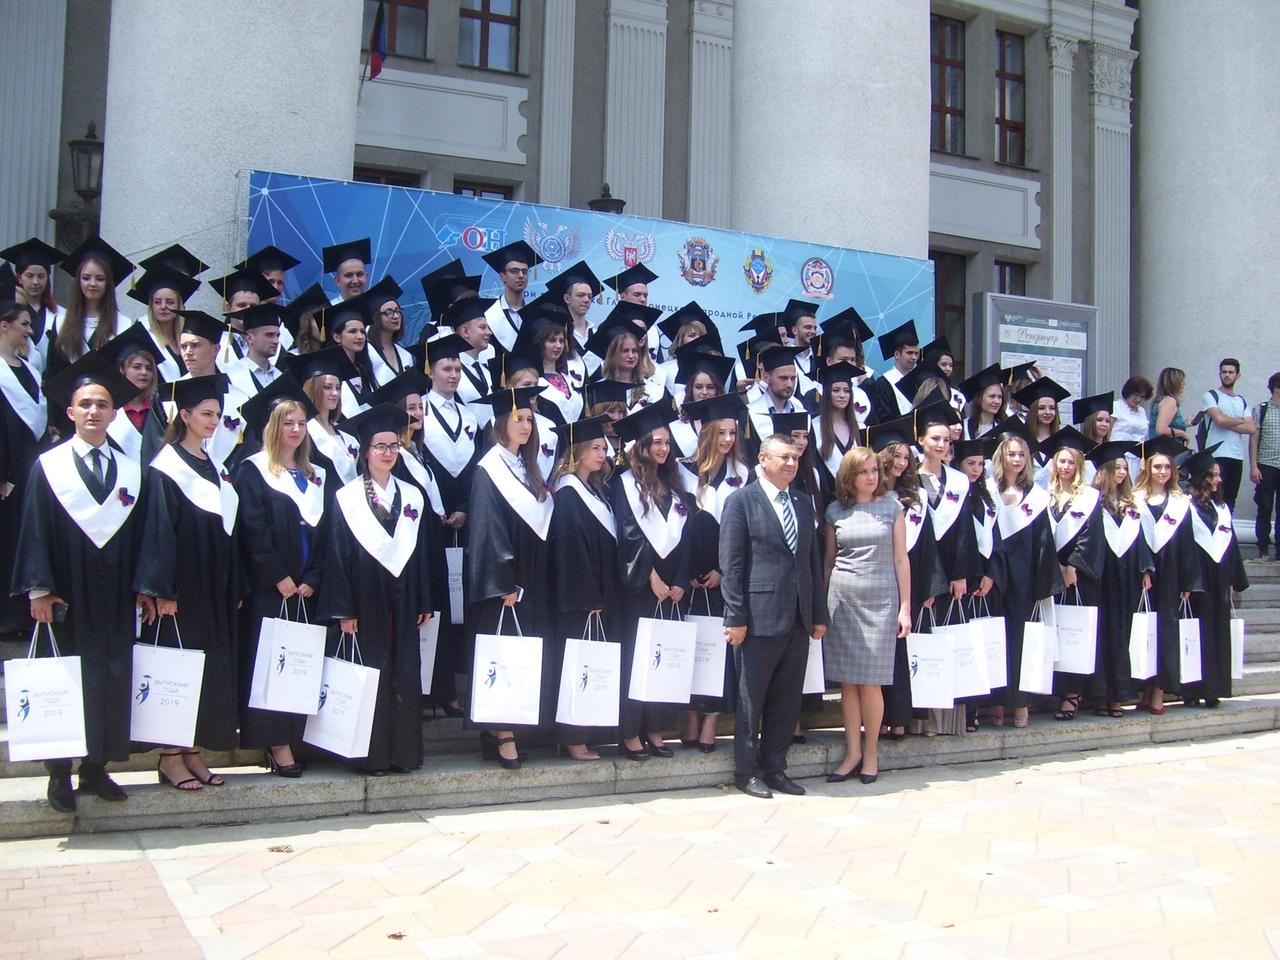 Сегодня, 2 июля 2019 года, делегация Донецкой академии транспорта присутствовала на Церемонии торжественного вручения дипломов и награждения лучших выпускников Республики 2019 года.